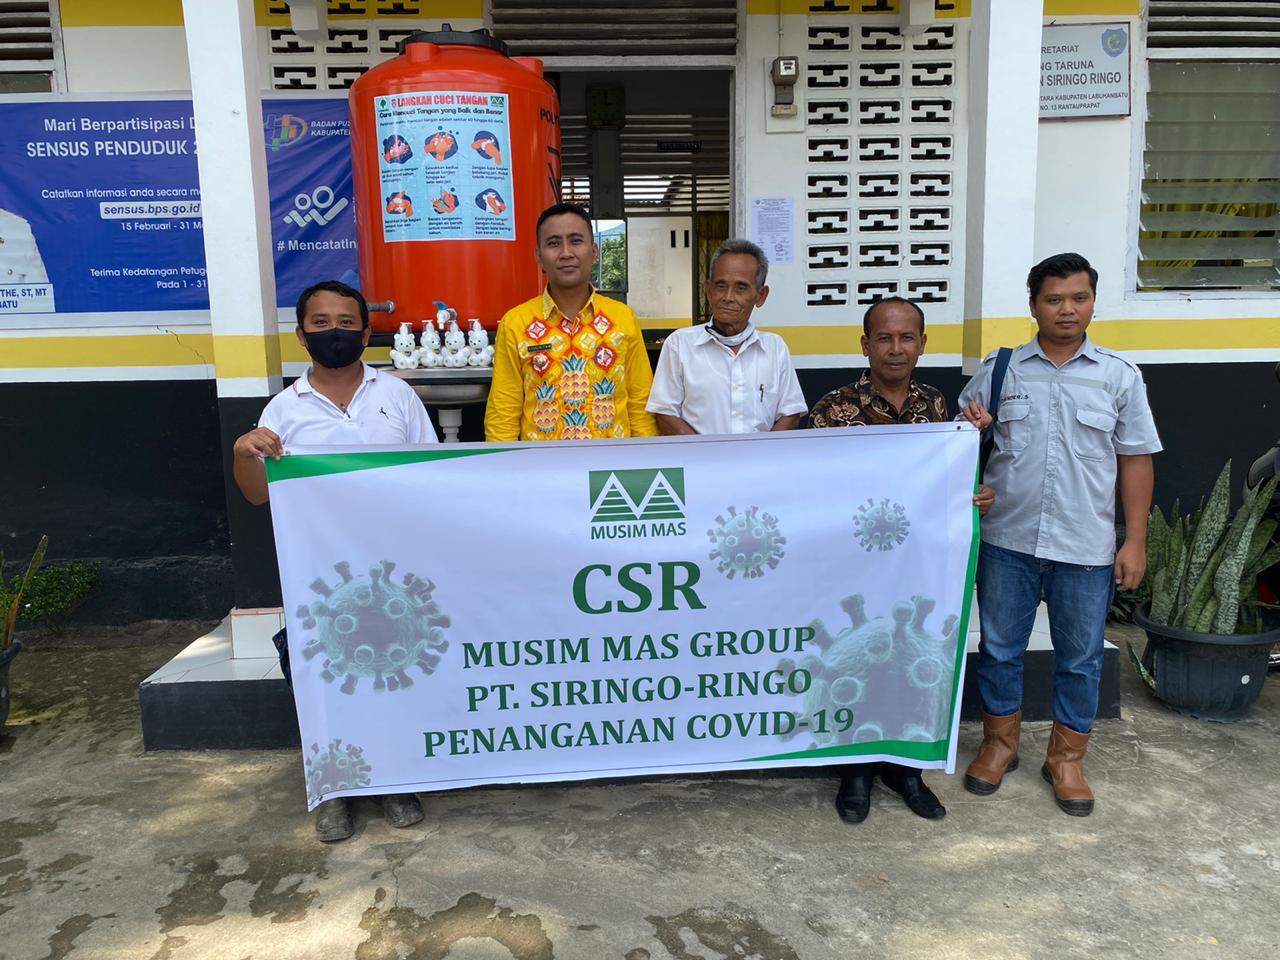 PT Siringo-ringo, Dukung Pemerintah Dalam Pencegahan Wabah Covid-19